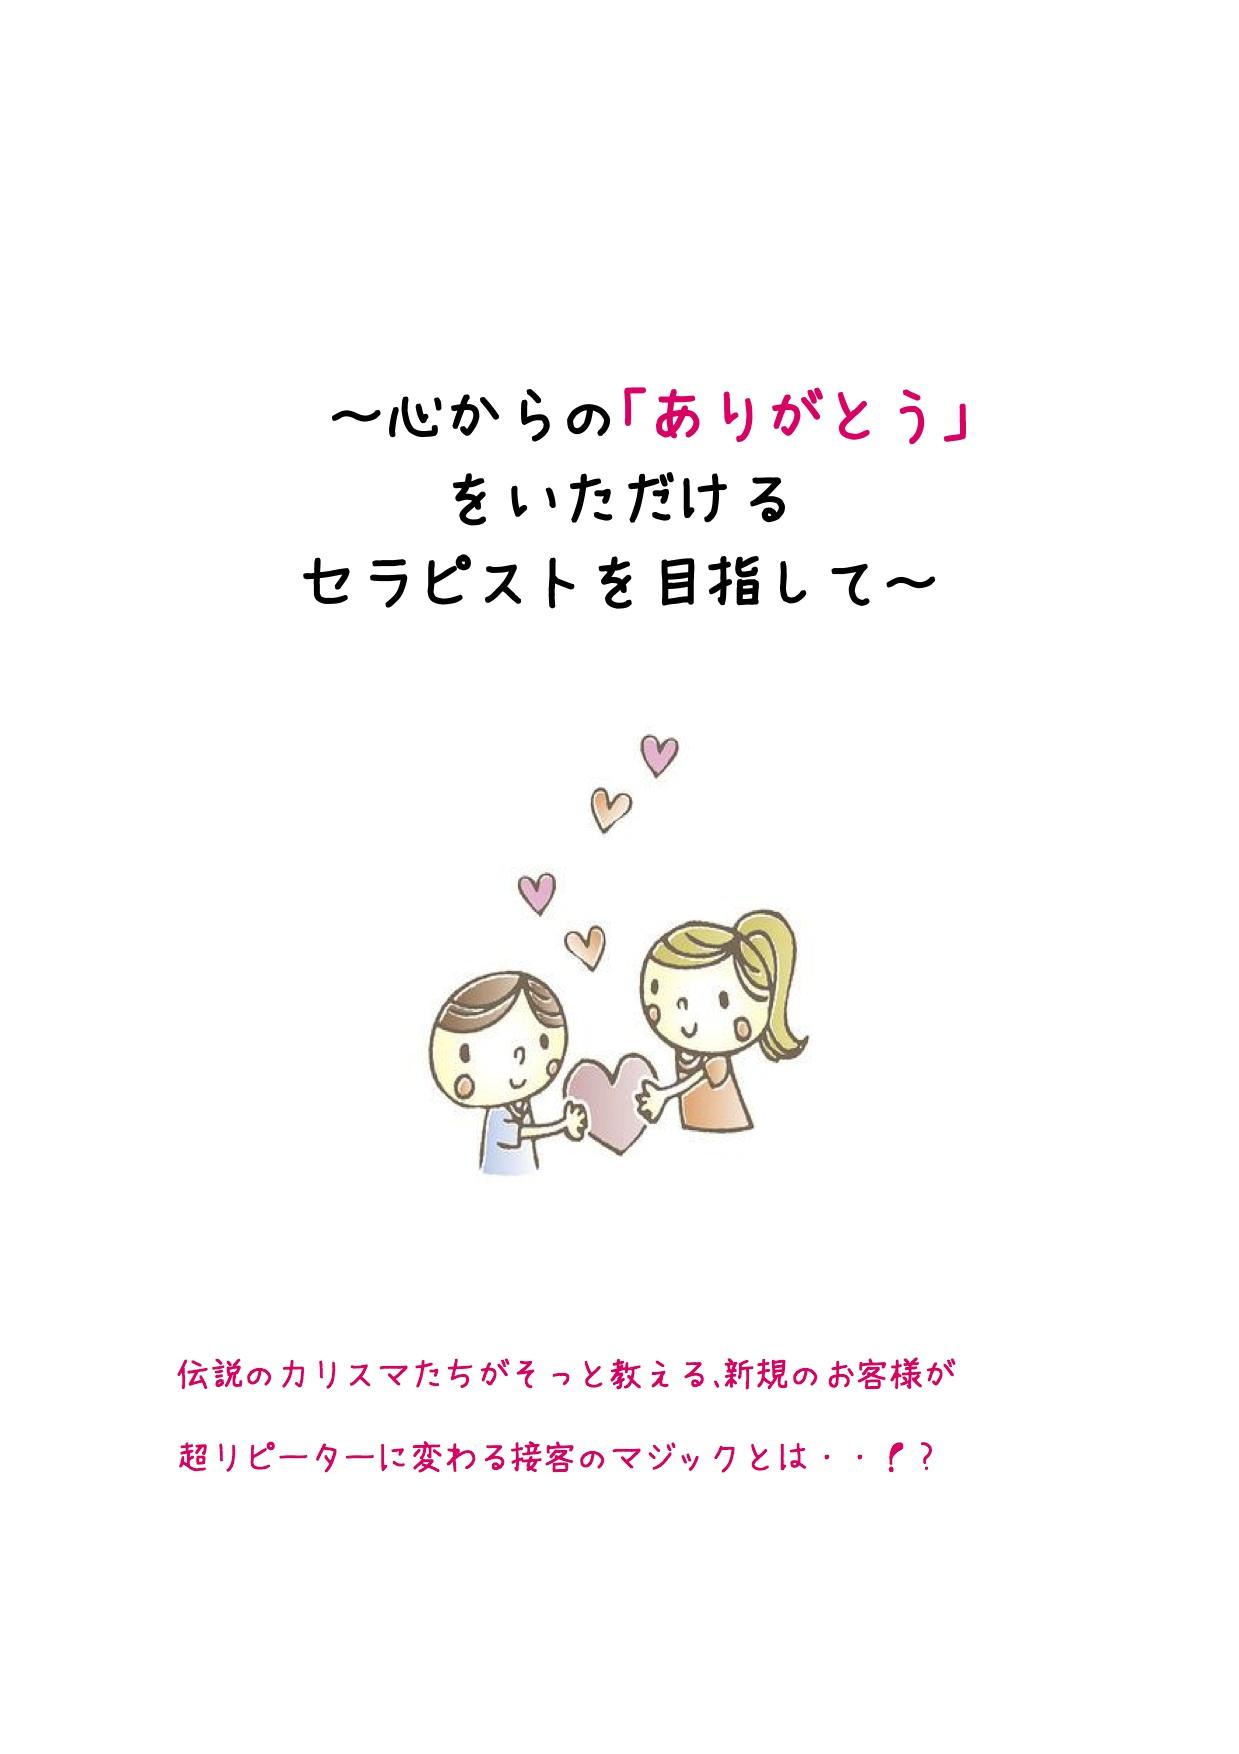 Baan Hana様社内向けマニュアル